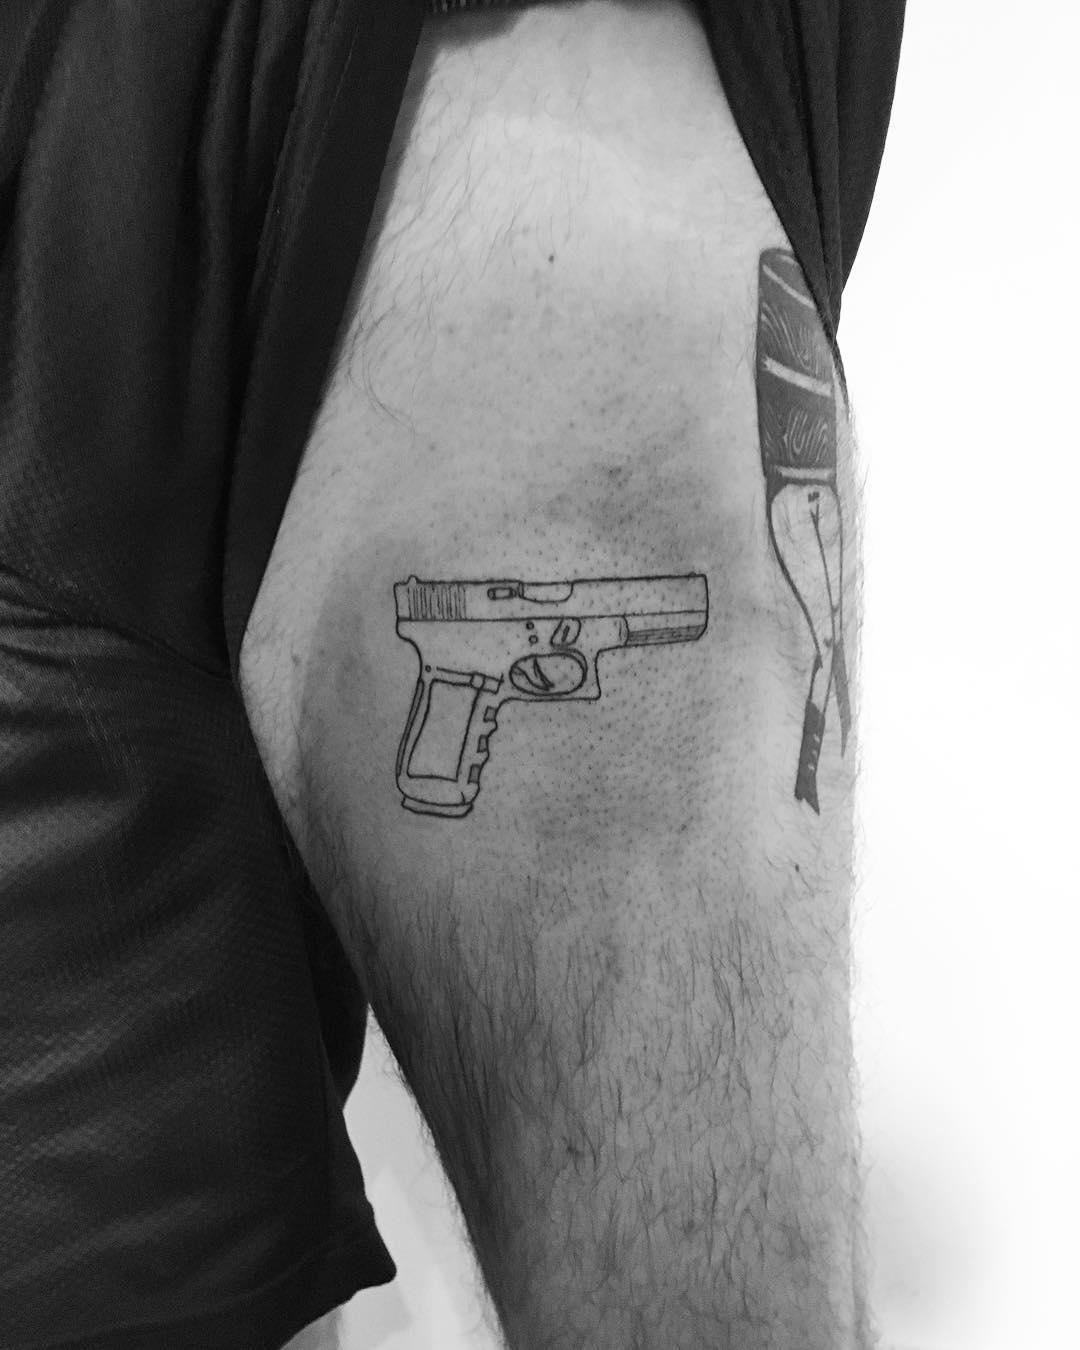 Glock tattoo by Philipp Eid